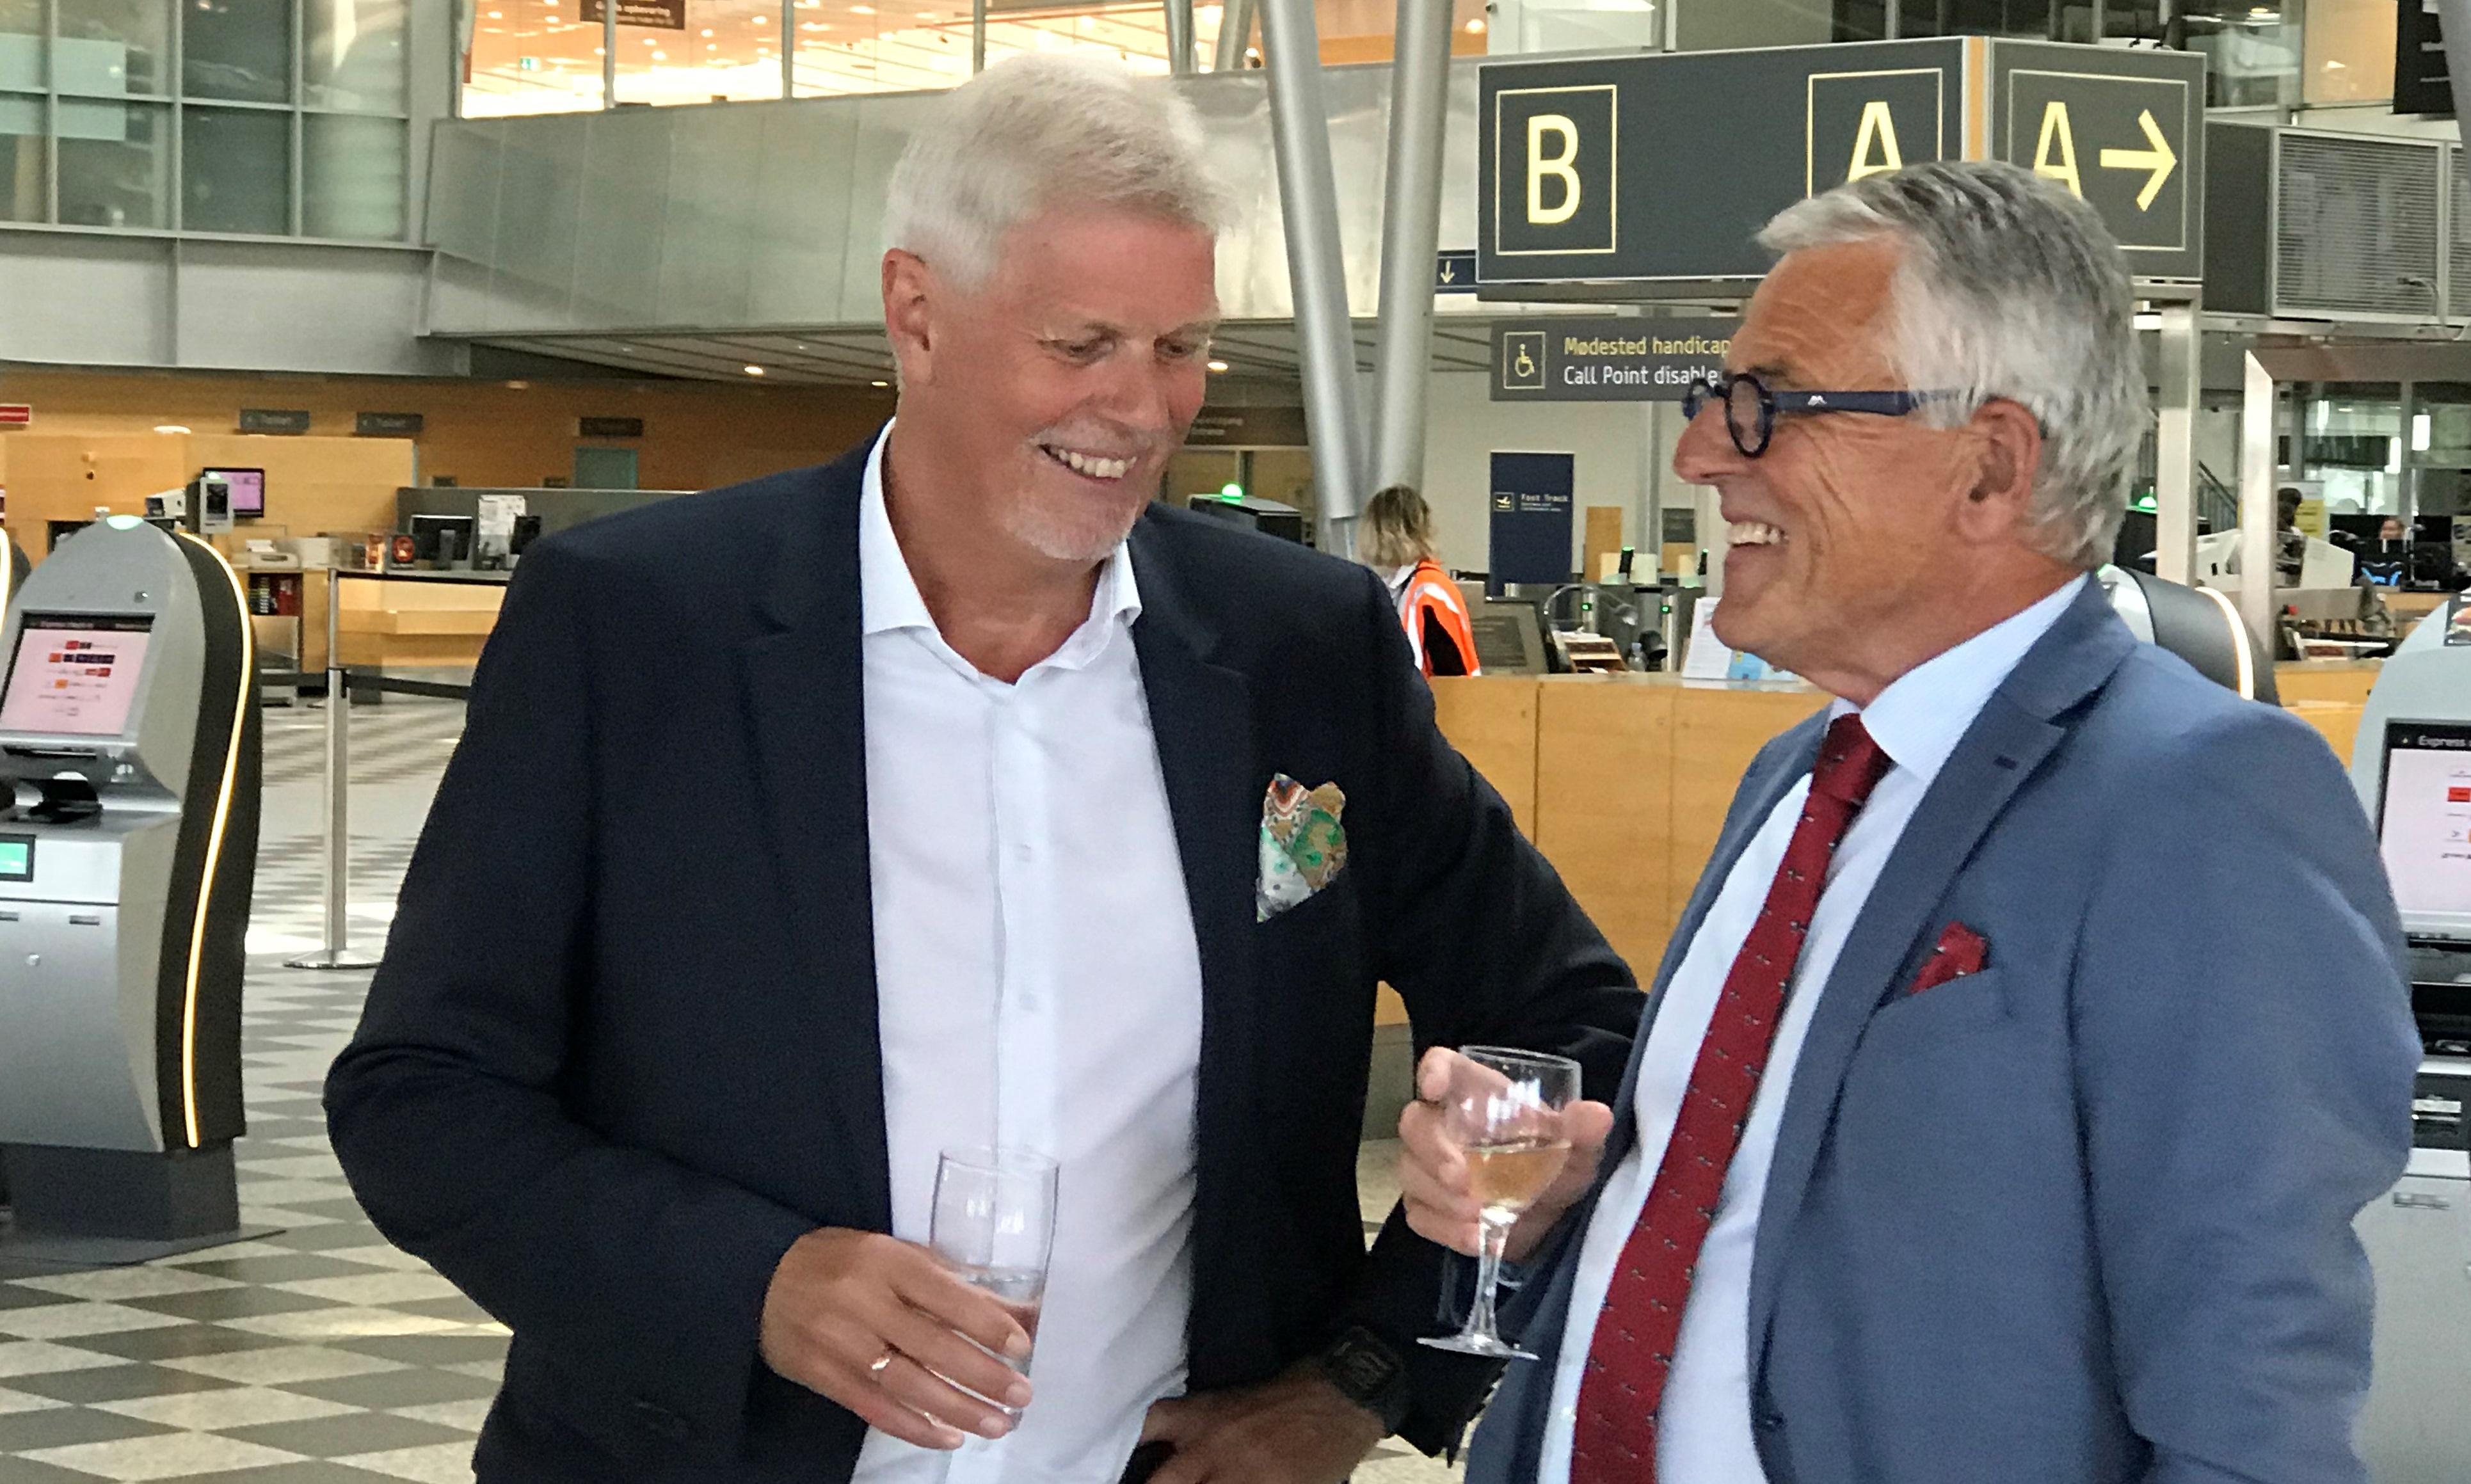 Afgående direktør Kjeld Zacho Jørgensen (t.v) i samtale med bestyrelsesformand Clas Nylandsted Andersen. (Foto: Ole Kirchert Christensen)